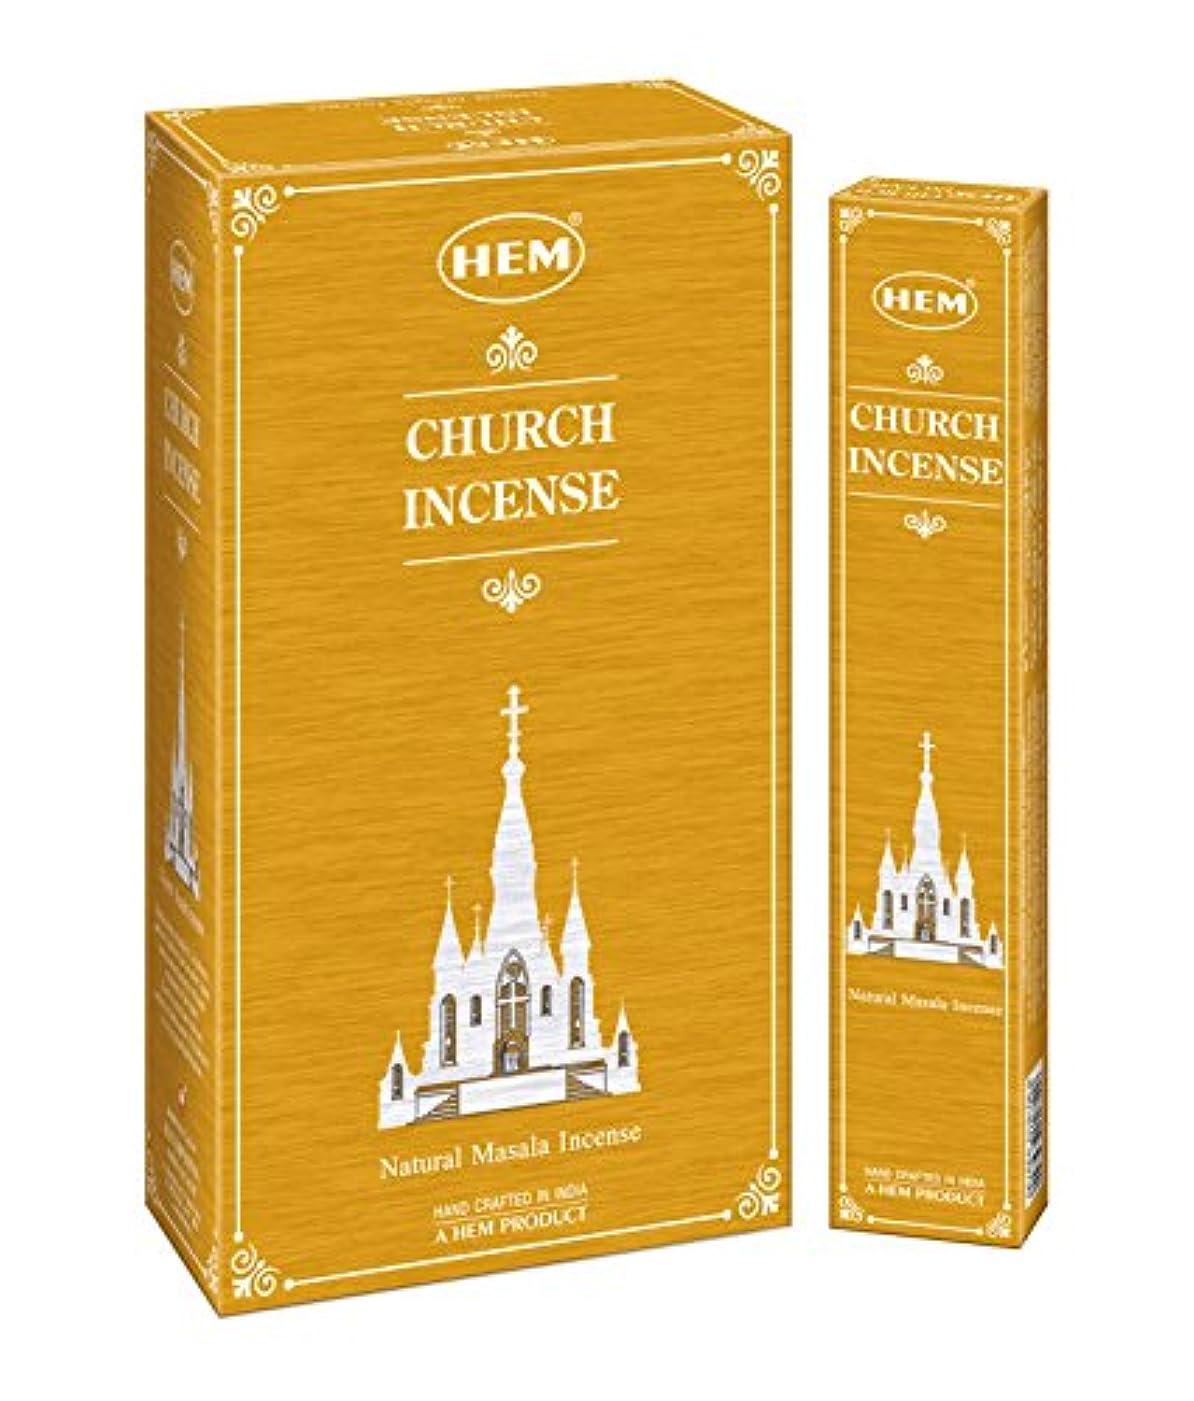 ワックス弱点裁定Hemお香新しくLaunched Exclusive Fragrance教会Masala Incense Sticksのセット12ボックス、15グラム各)